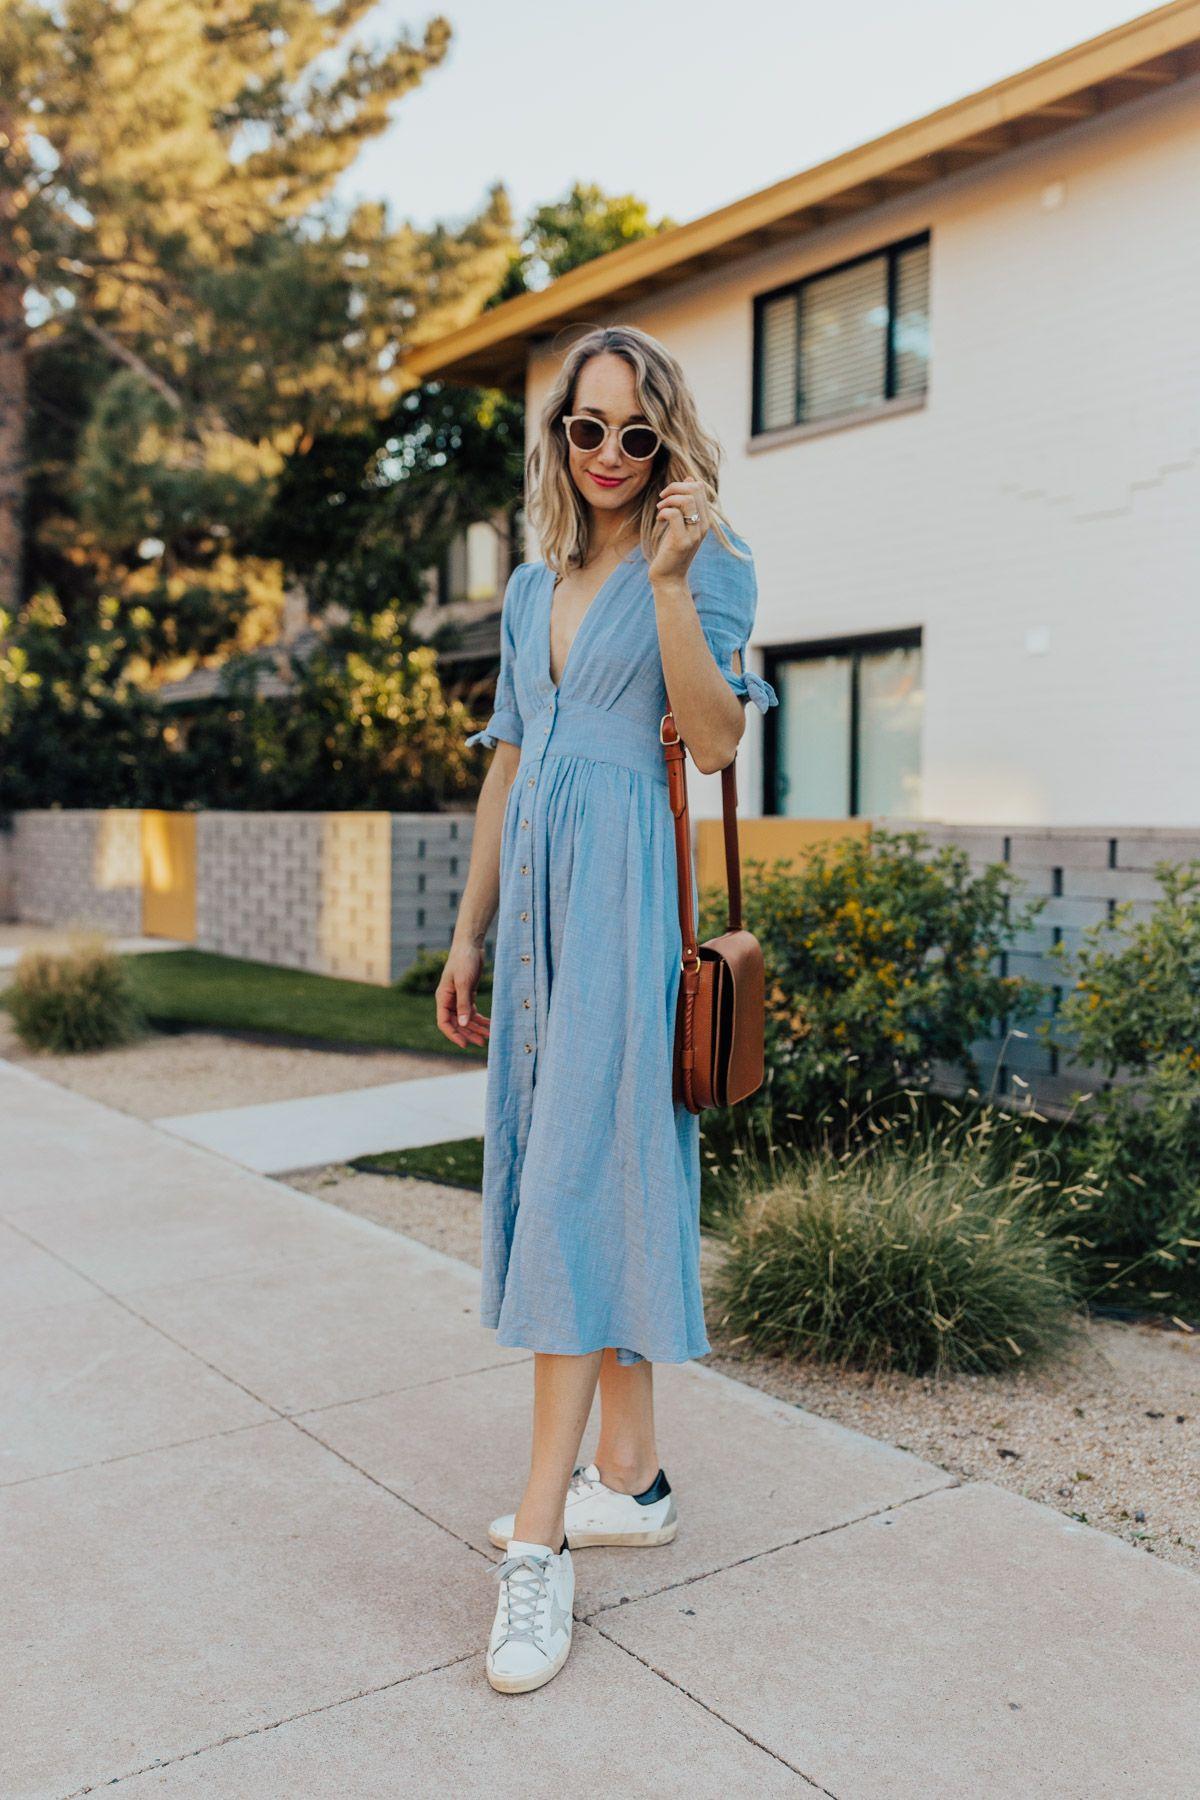 Inspirasi Gaya dengan Midi Dress Untuk Pergi ke Kantor